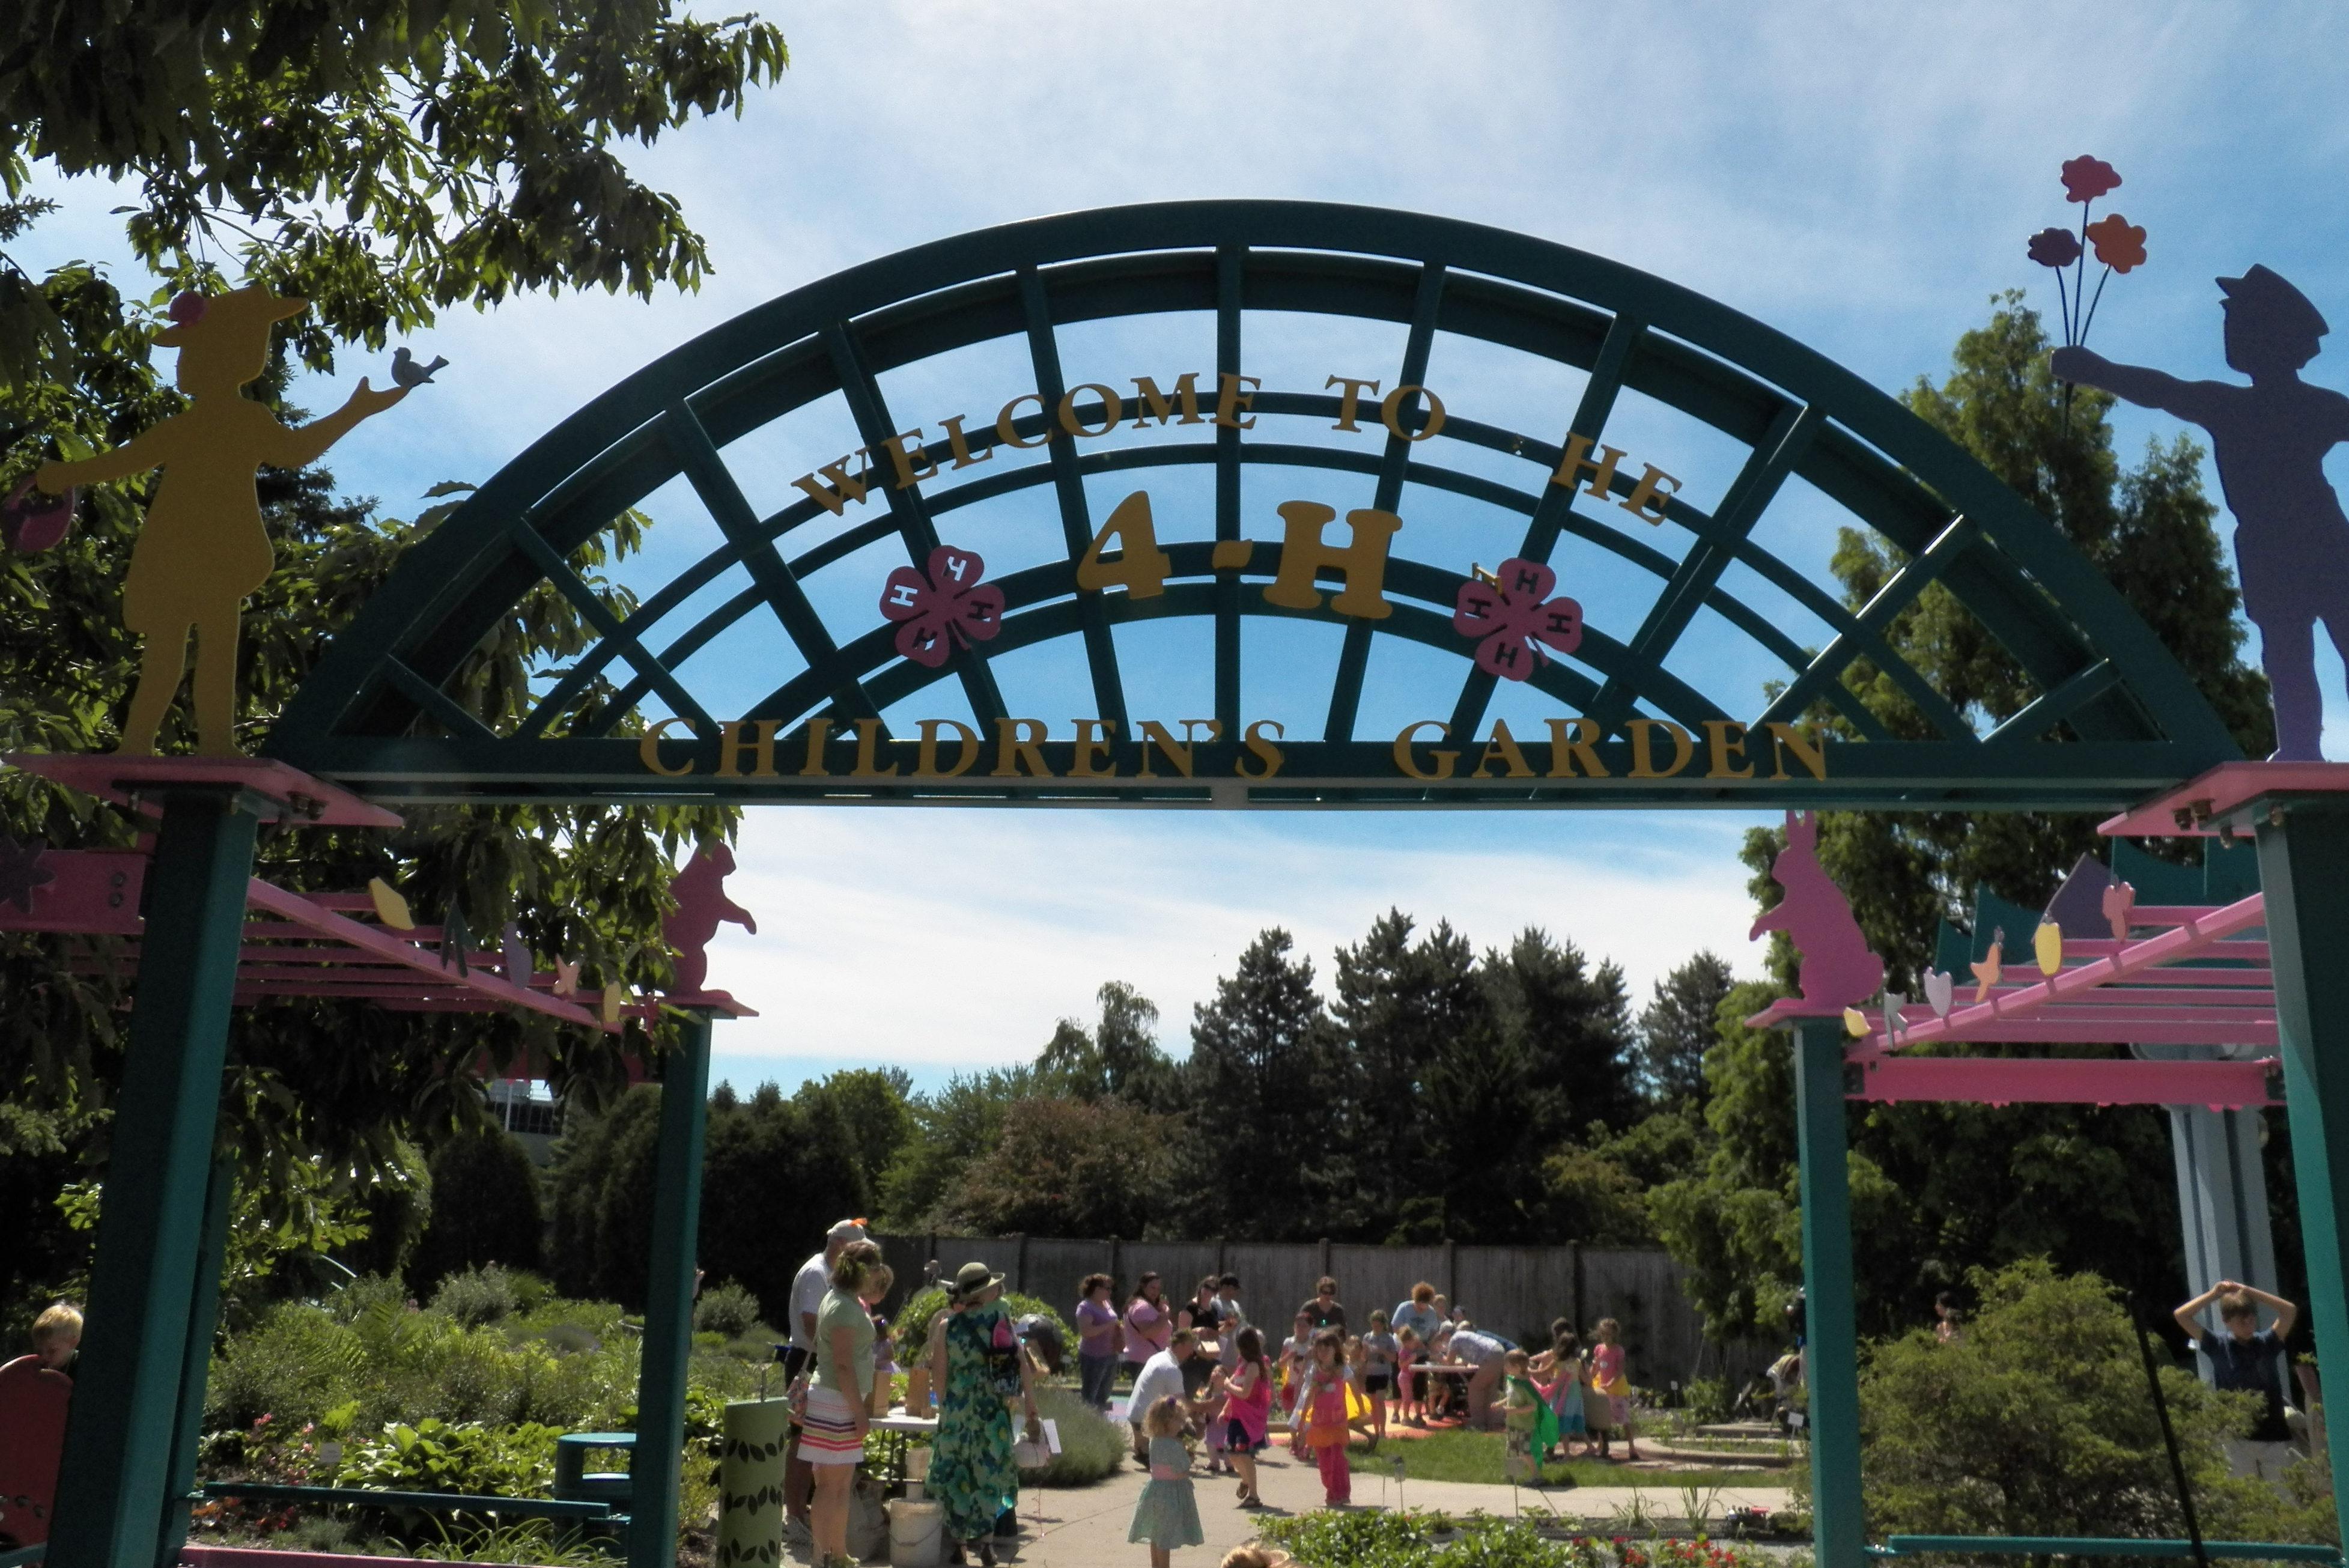 Michigan 4-H Children's Garden